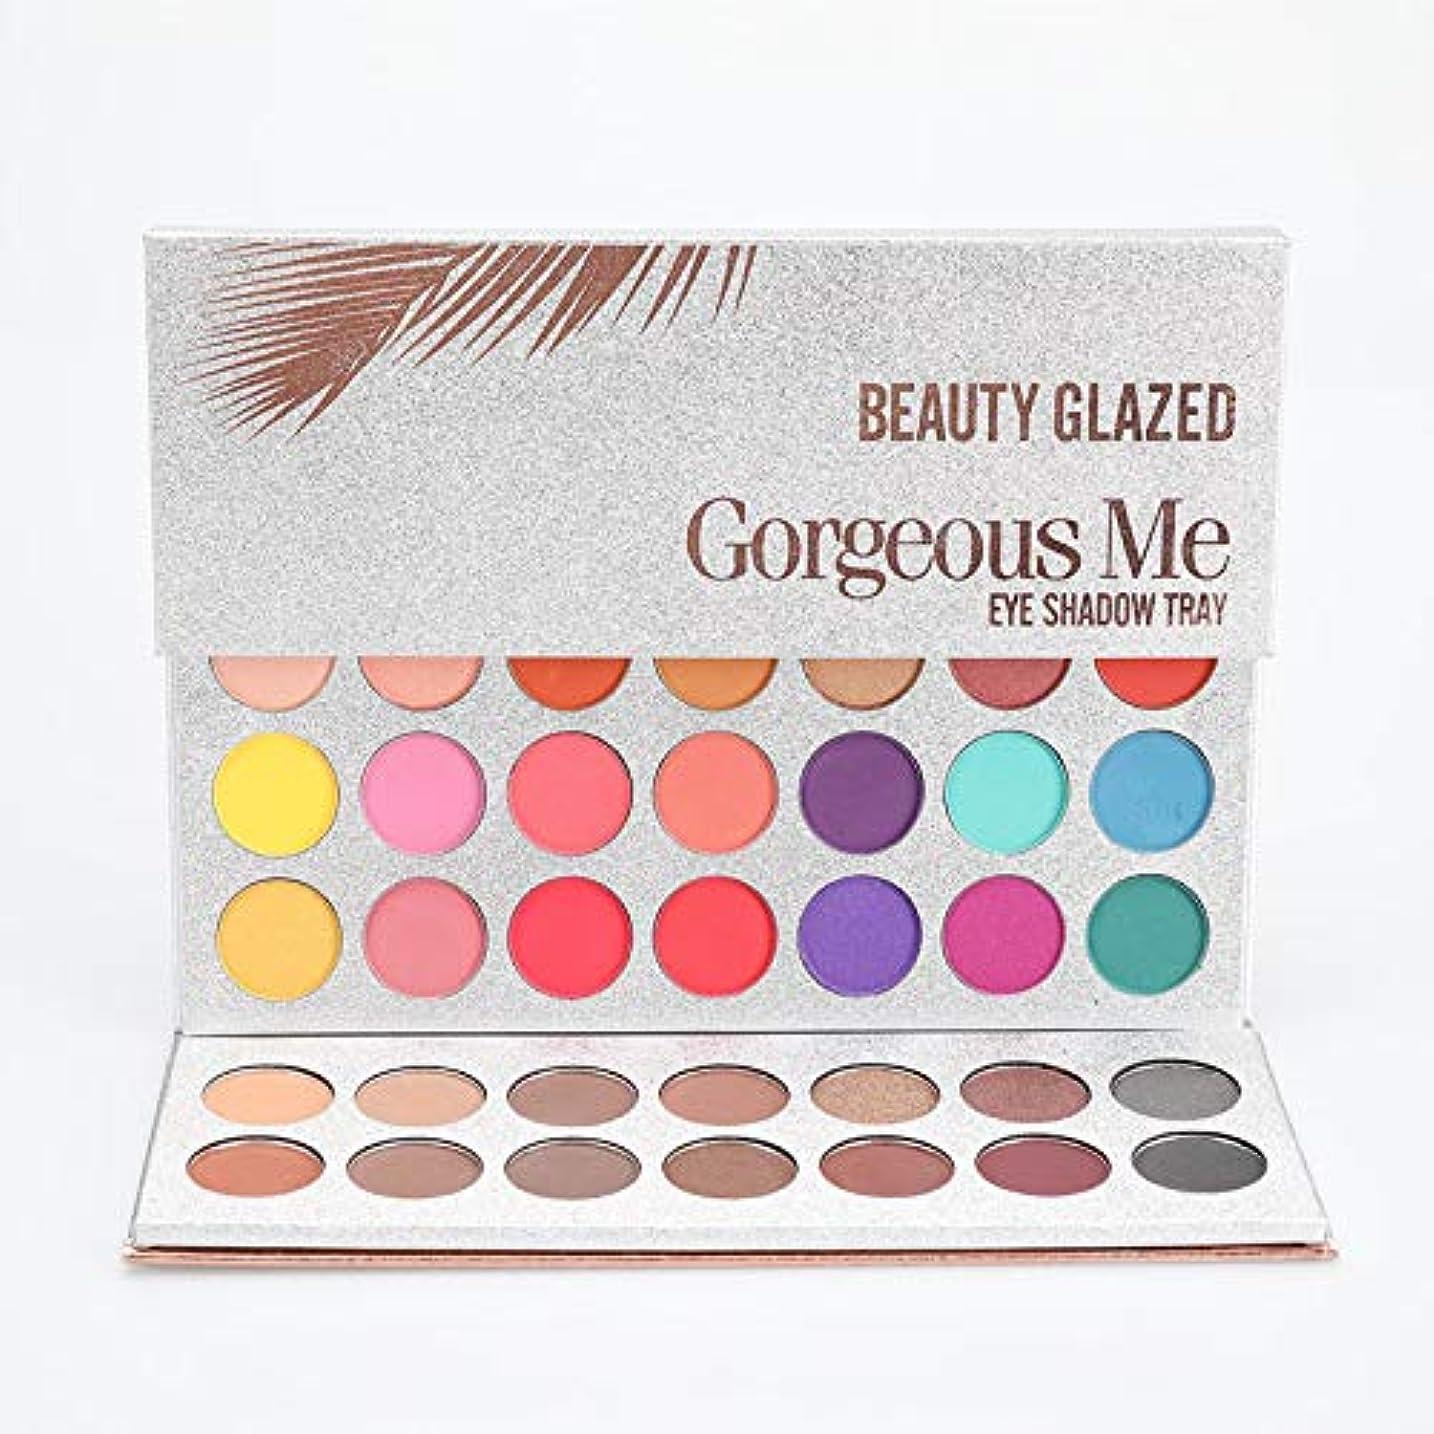 揃える海外マニア63 Color eyeshadow pallete Glitter Makeup Matte Eye shadow make up palette maquillage paleta de sombra 63色のアイシャドーパレエキラキラメイクアップマットアイシャドウメイクアップパレットマキアージュパレタデムブラブ